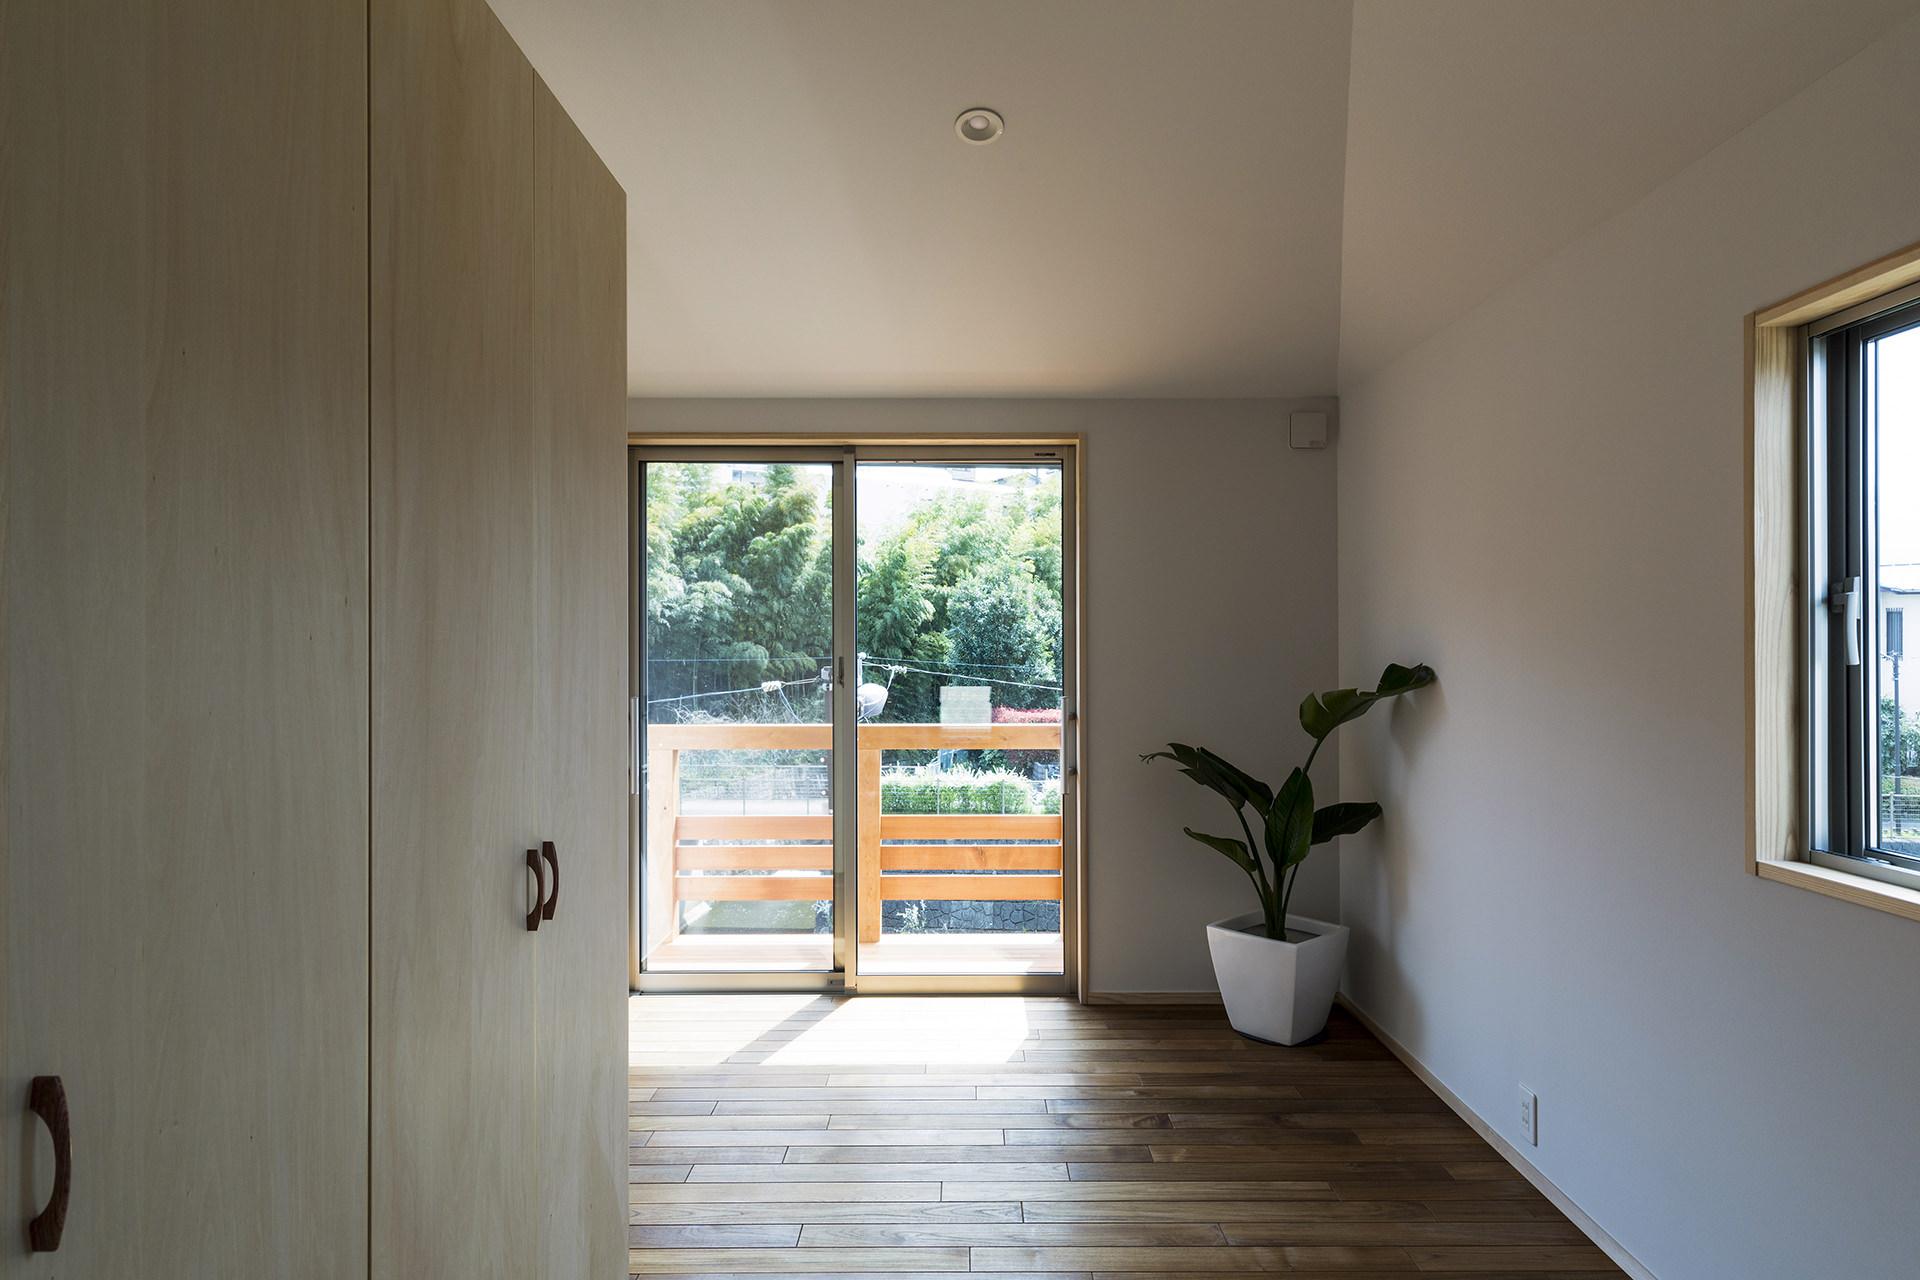 鶴川の家 Ⅳ イメージ12 撮影:東涌写真事務所・東涌宏和